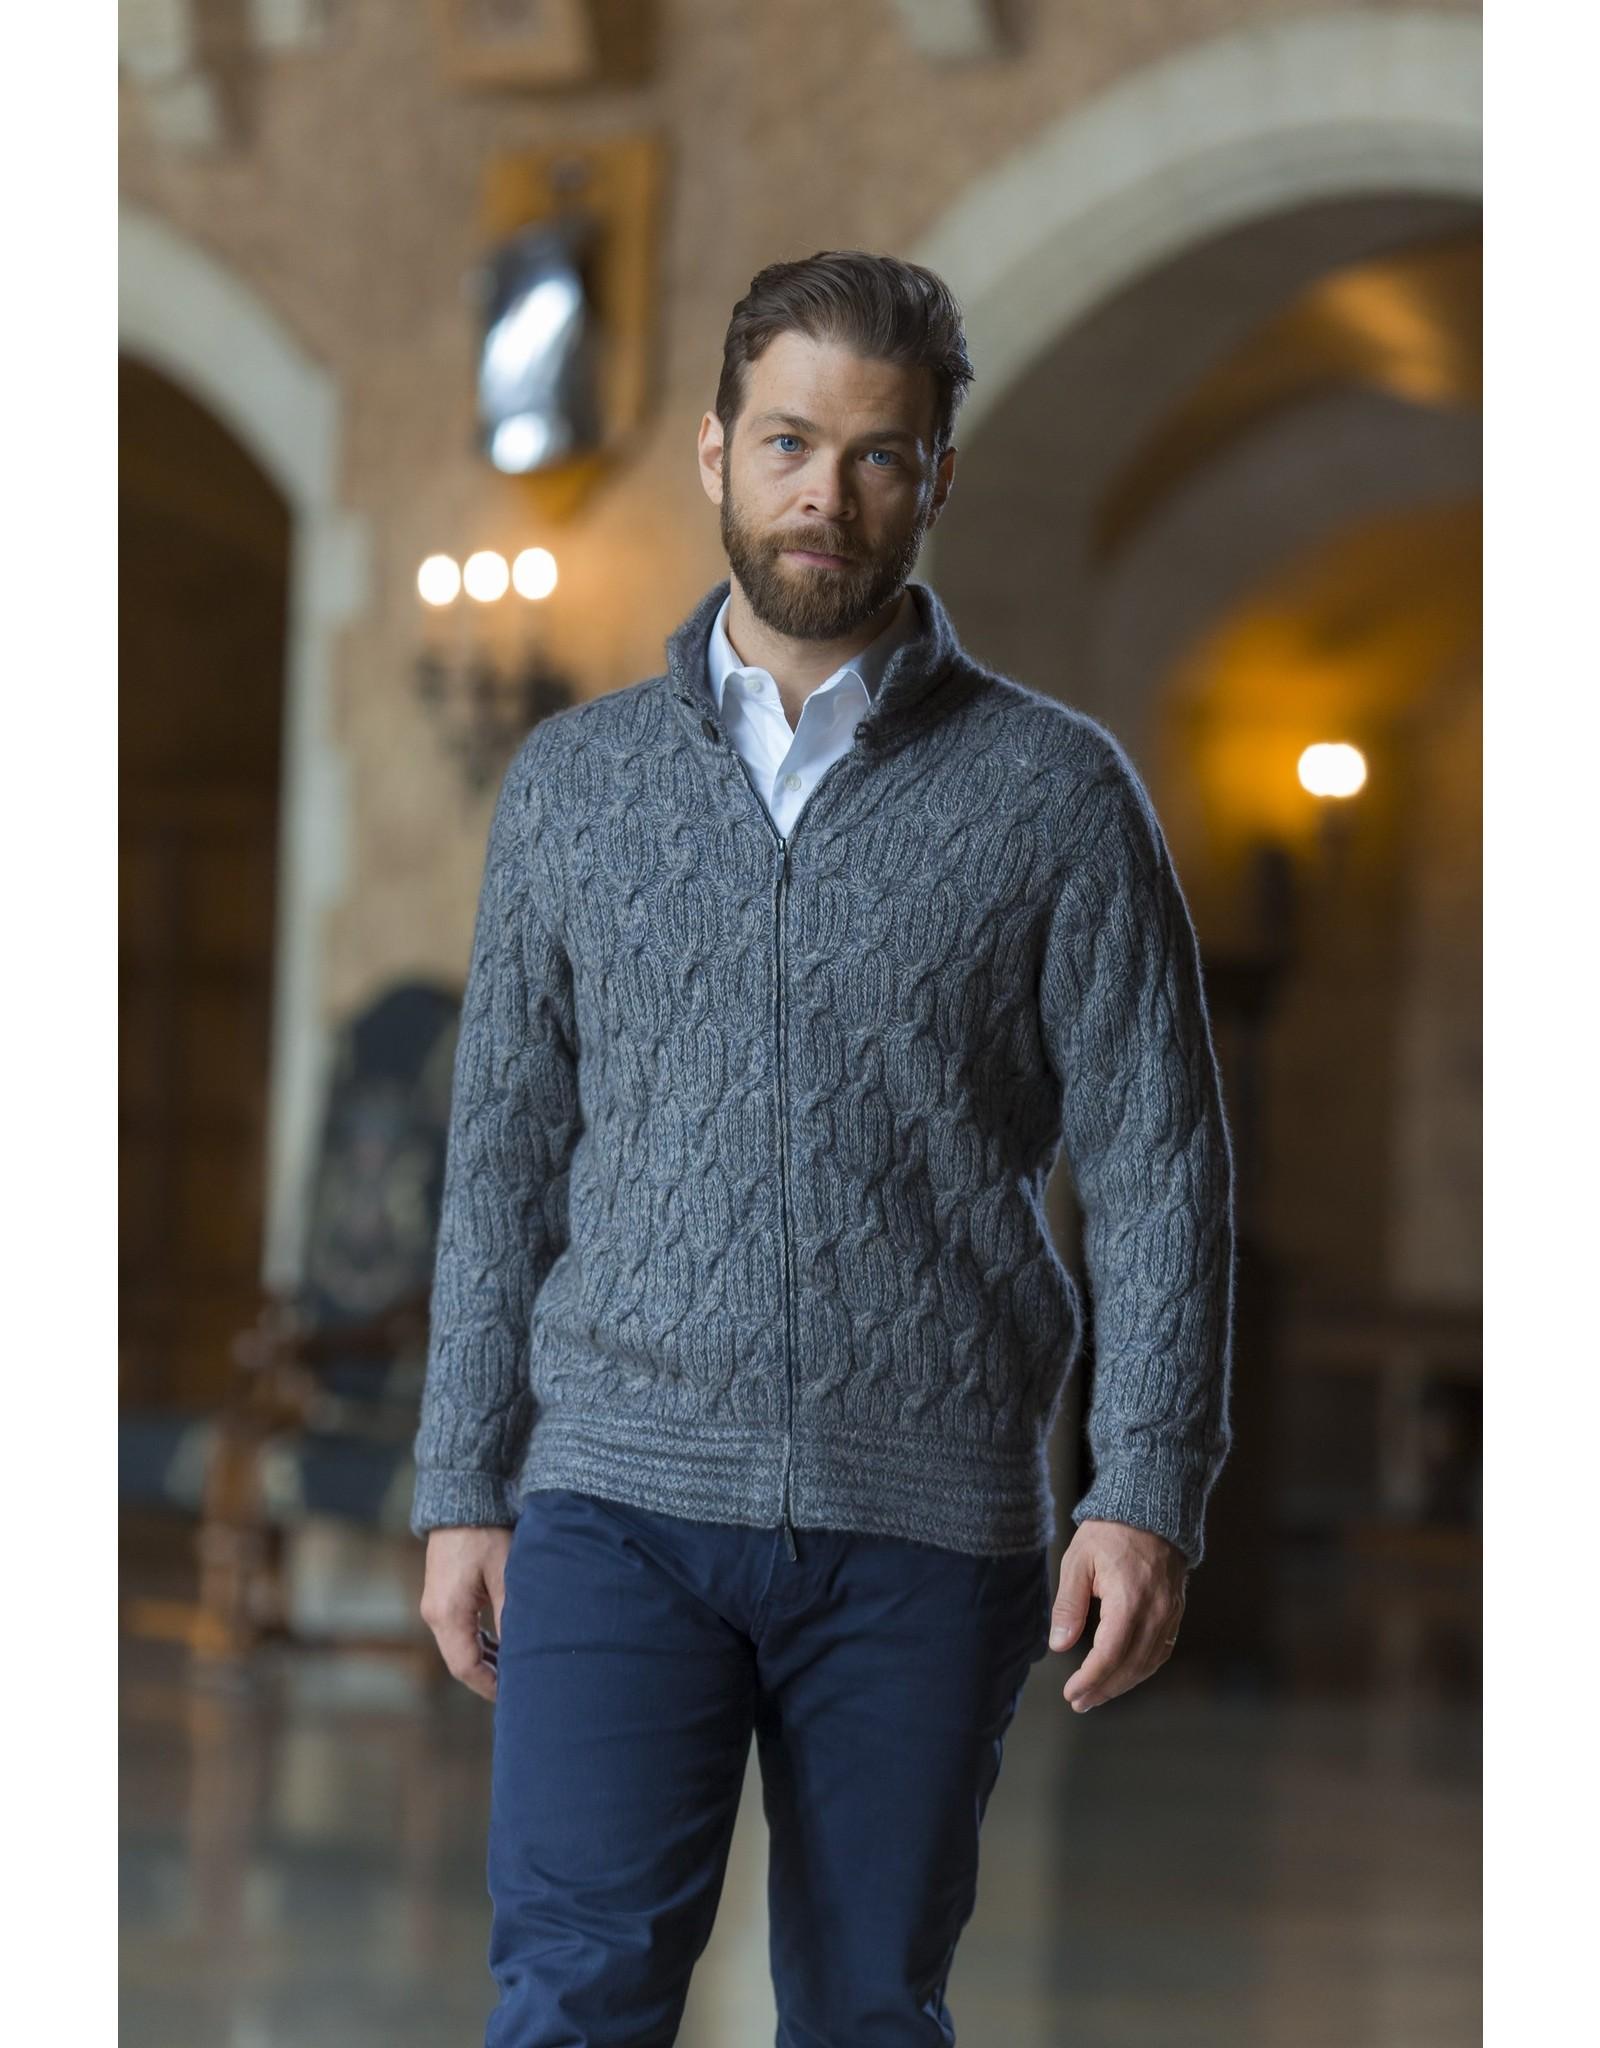 Robert Zip Sweater - 45% Qiviuk 45% Merino 10% Silk